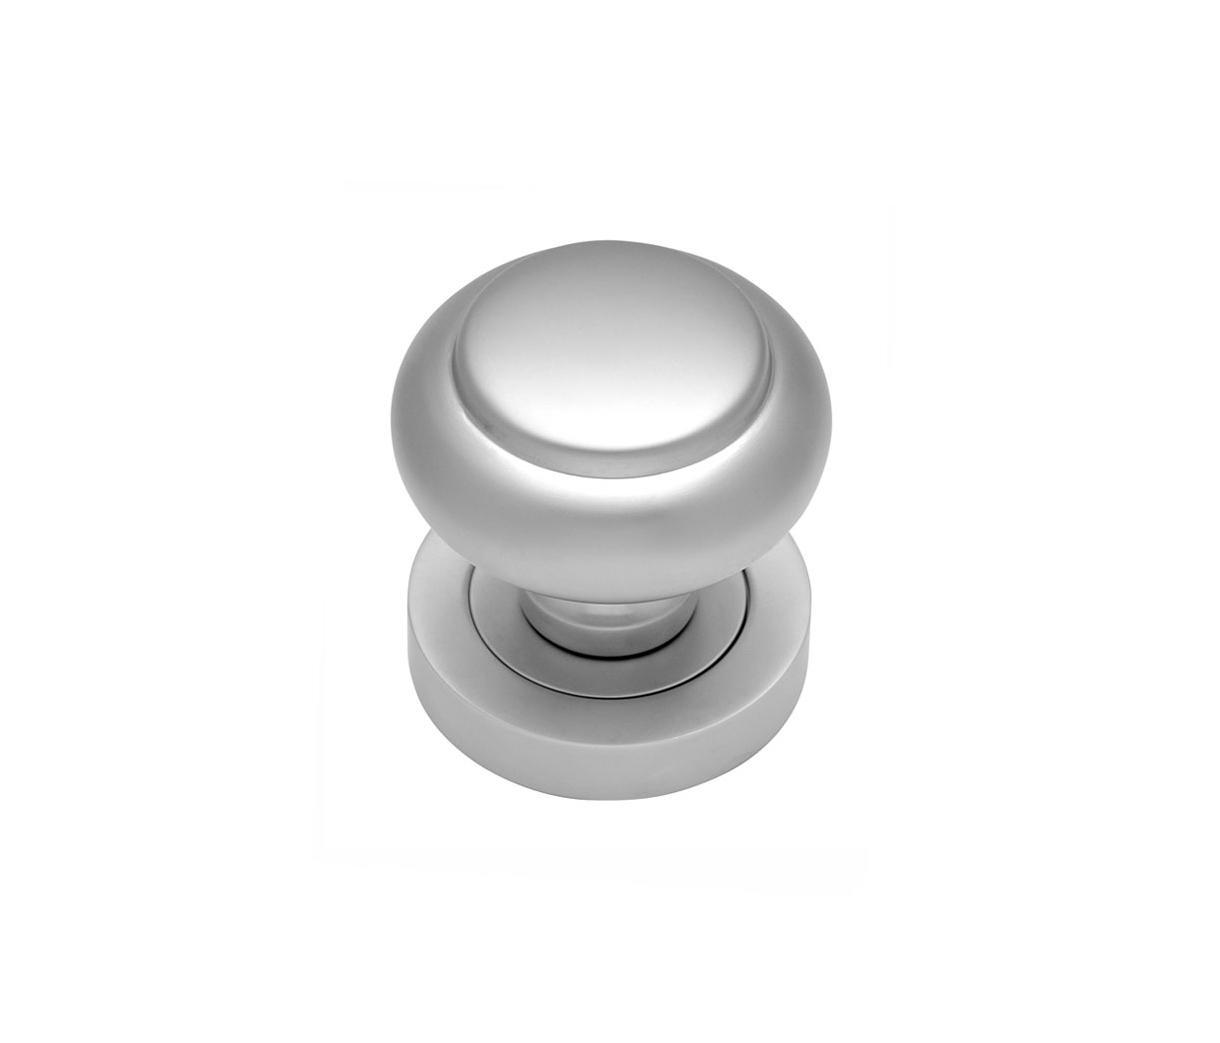 door knob k382 r 71 knob handles from karcher design. Black Bedroom Furniture Sets. Home Design Ideas